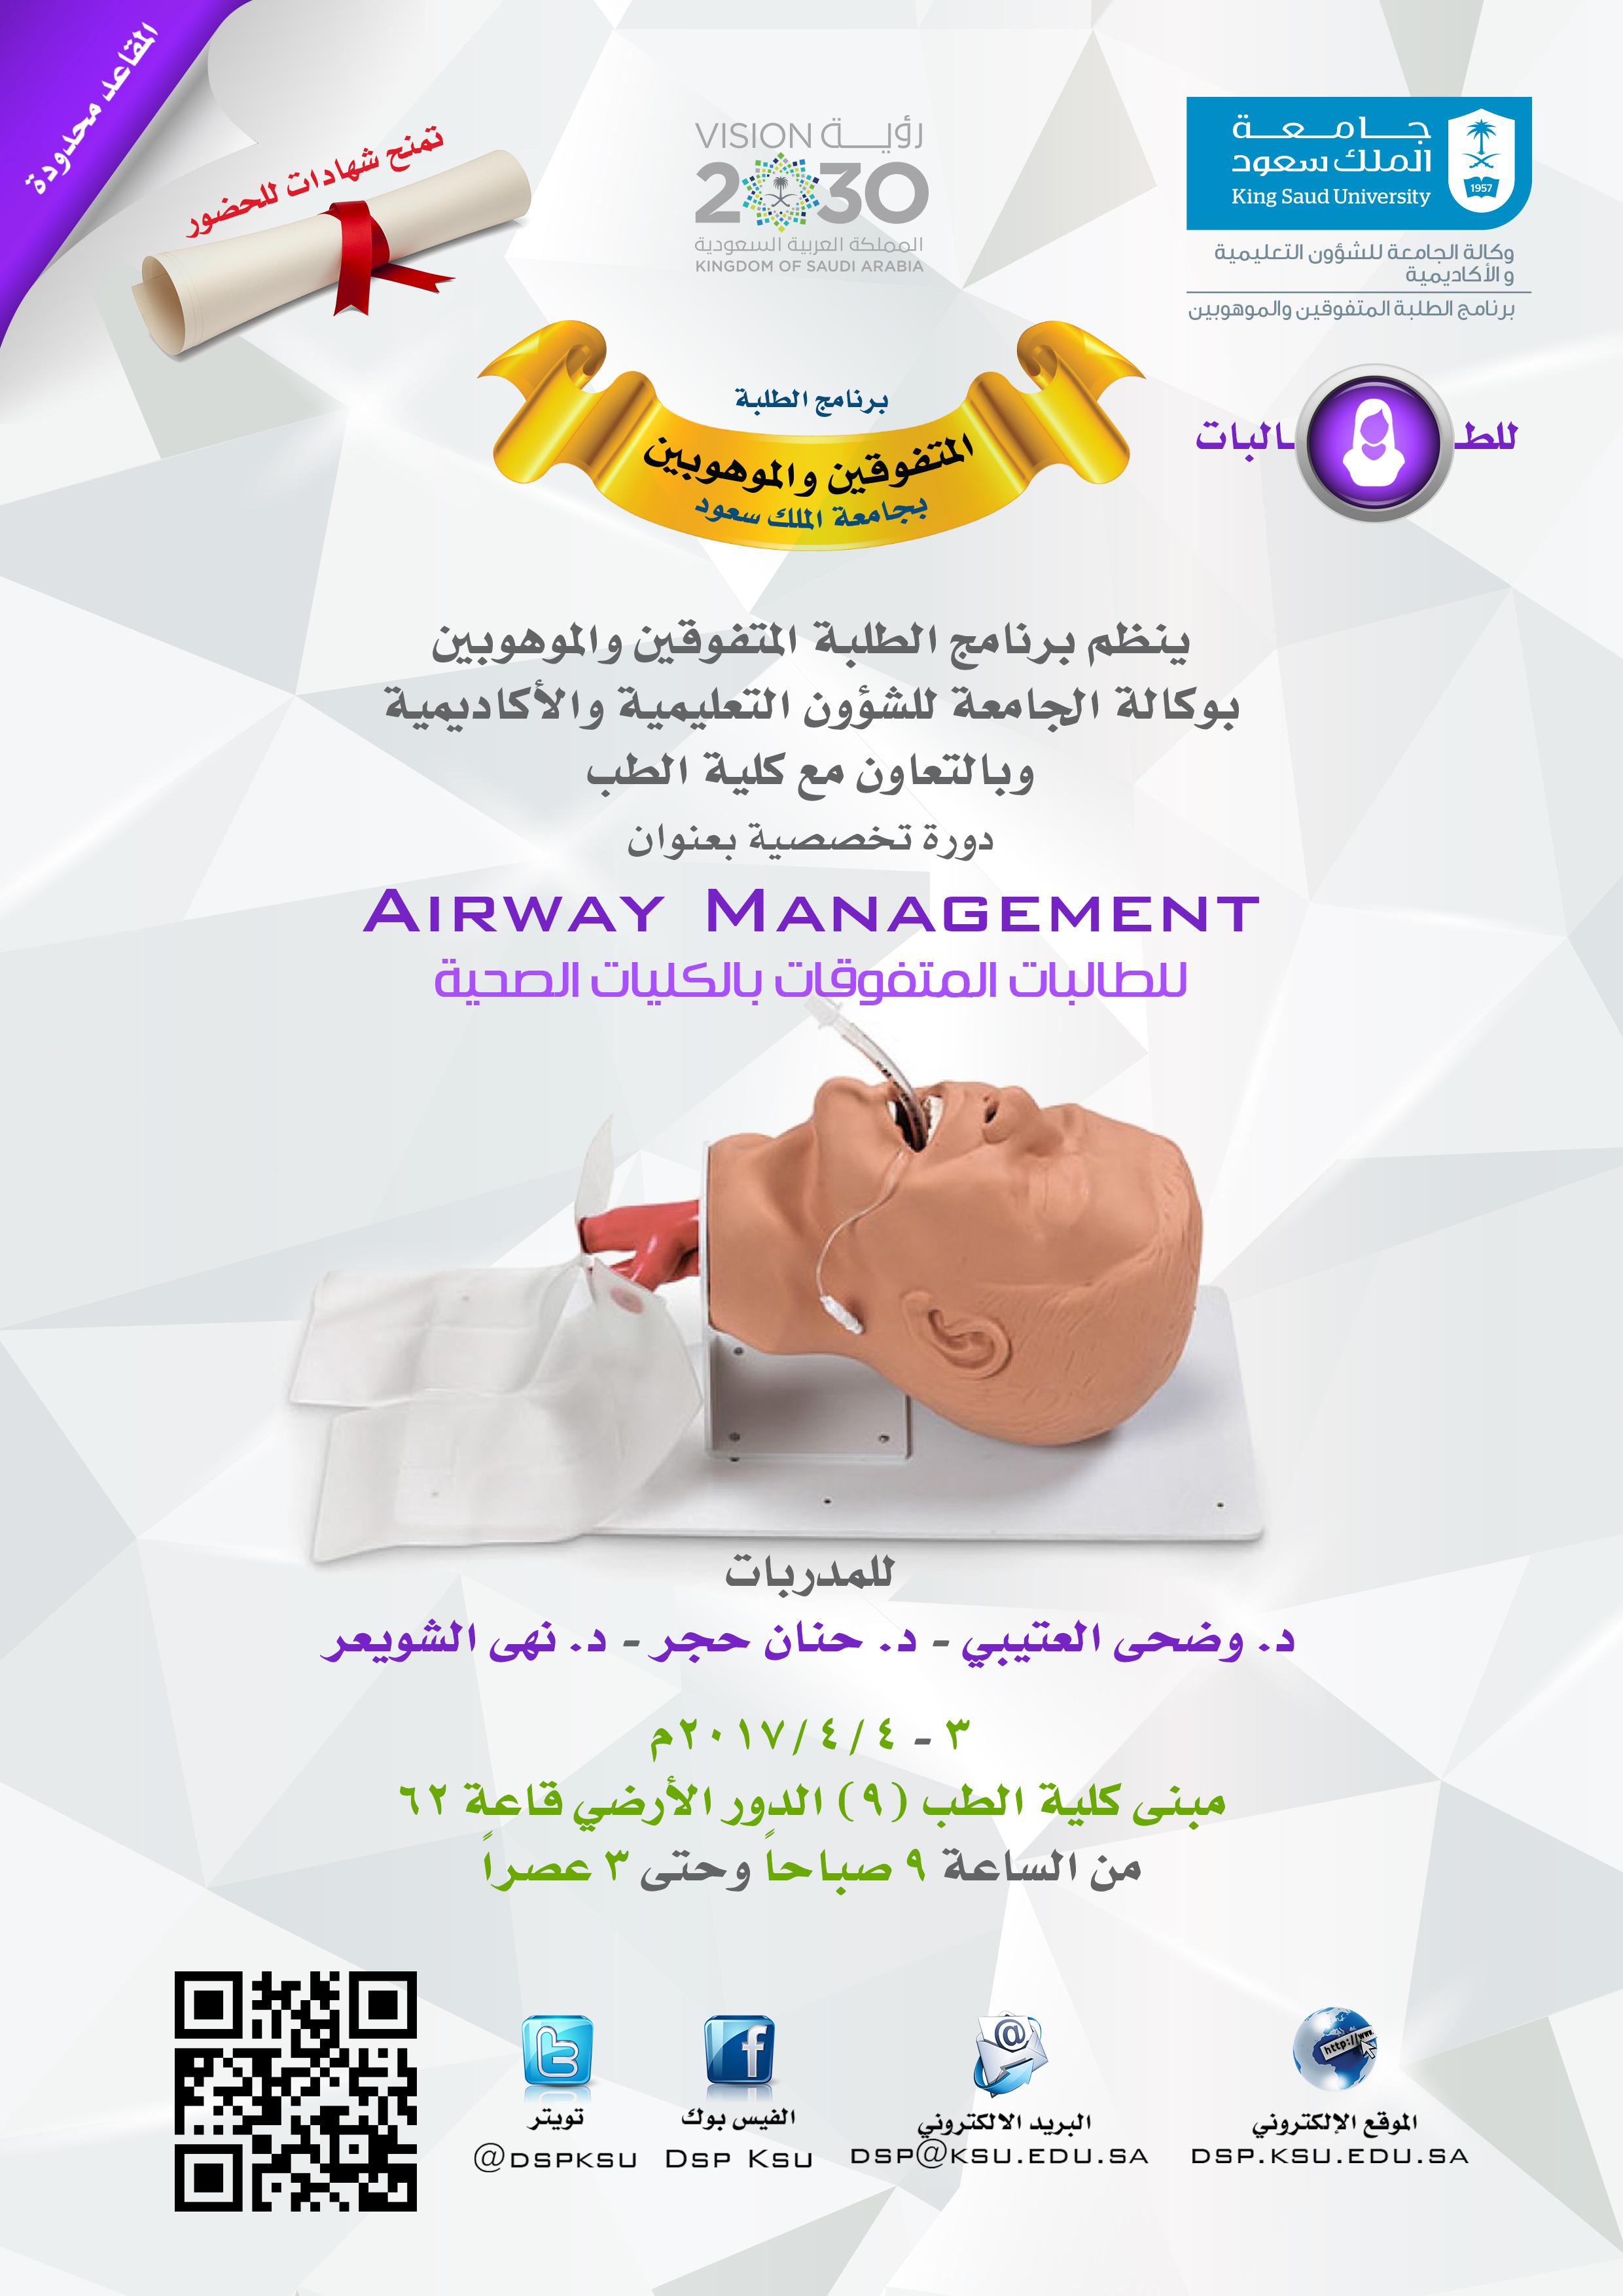 ينظم برنامج الطلبة المتفوقين والموهوبين بالتعاون مع كلية الطب دورة Airway Management للطالبات المتفوقات بالكليات الصحية